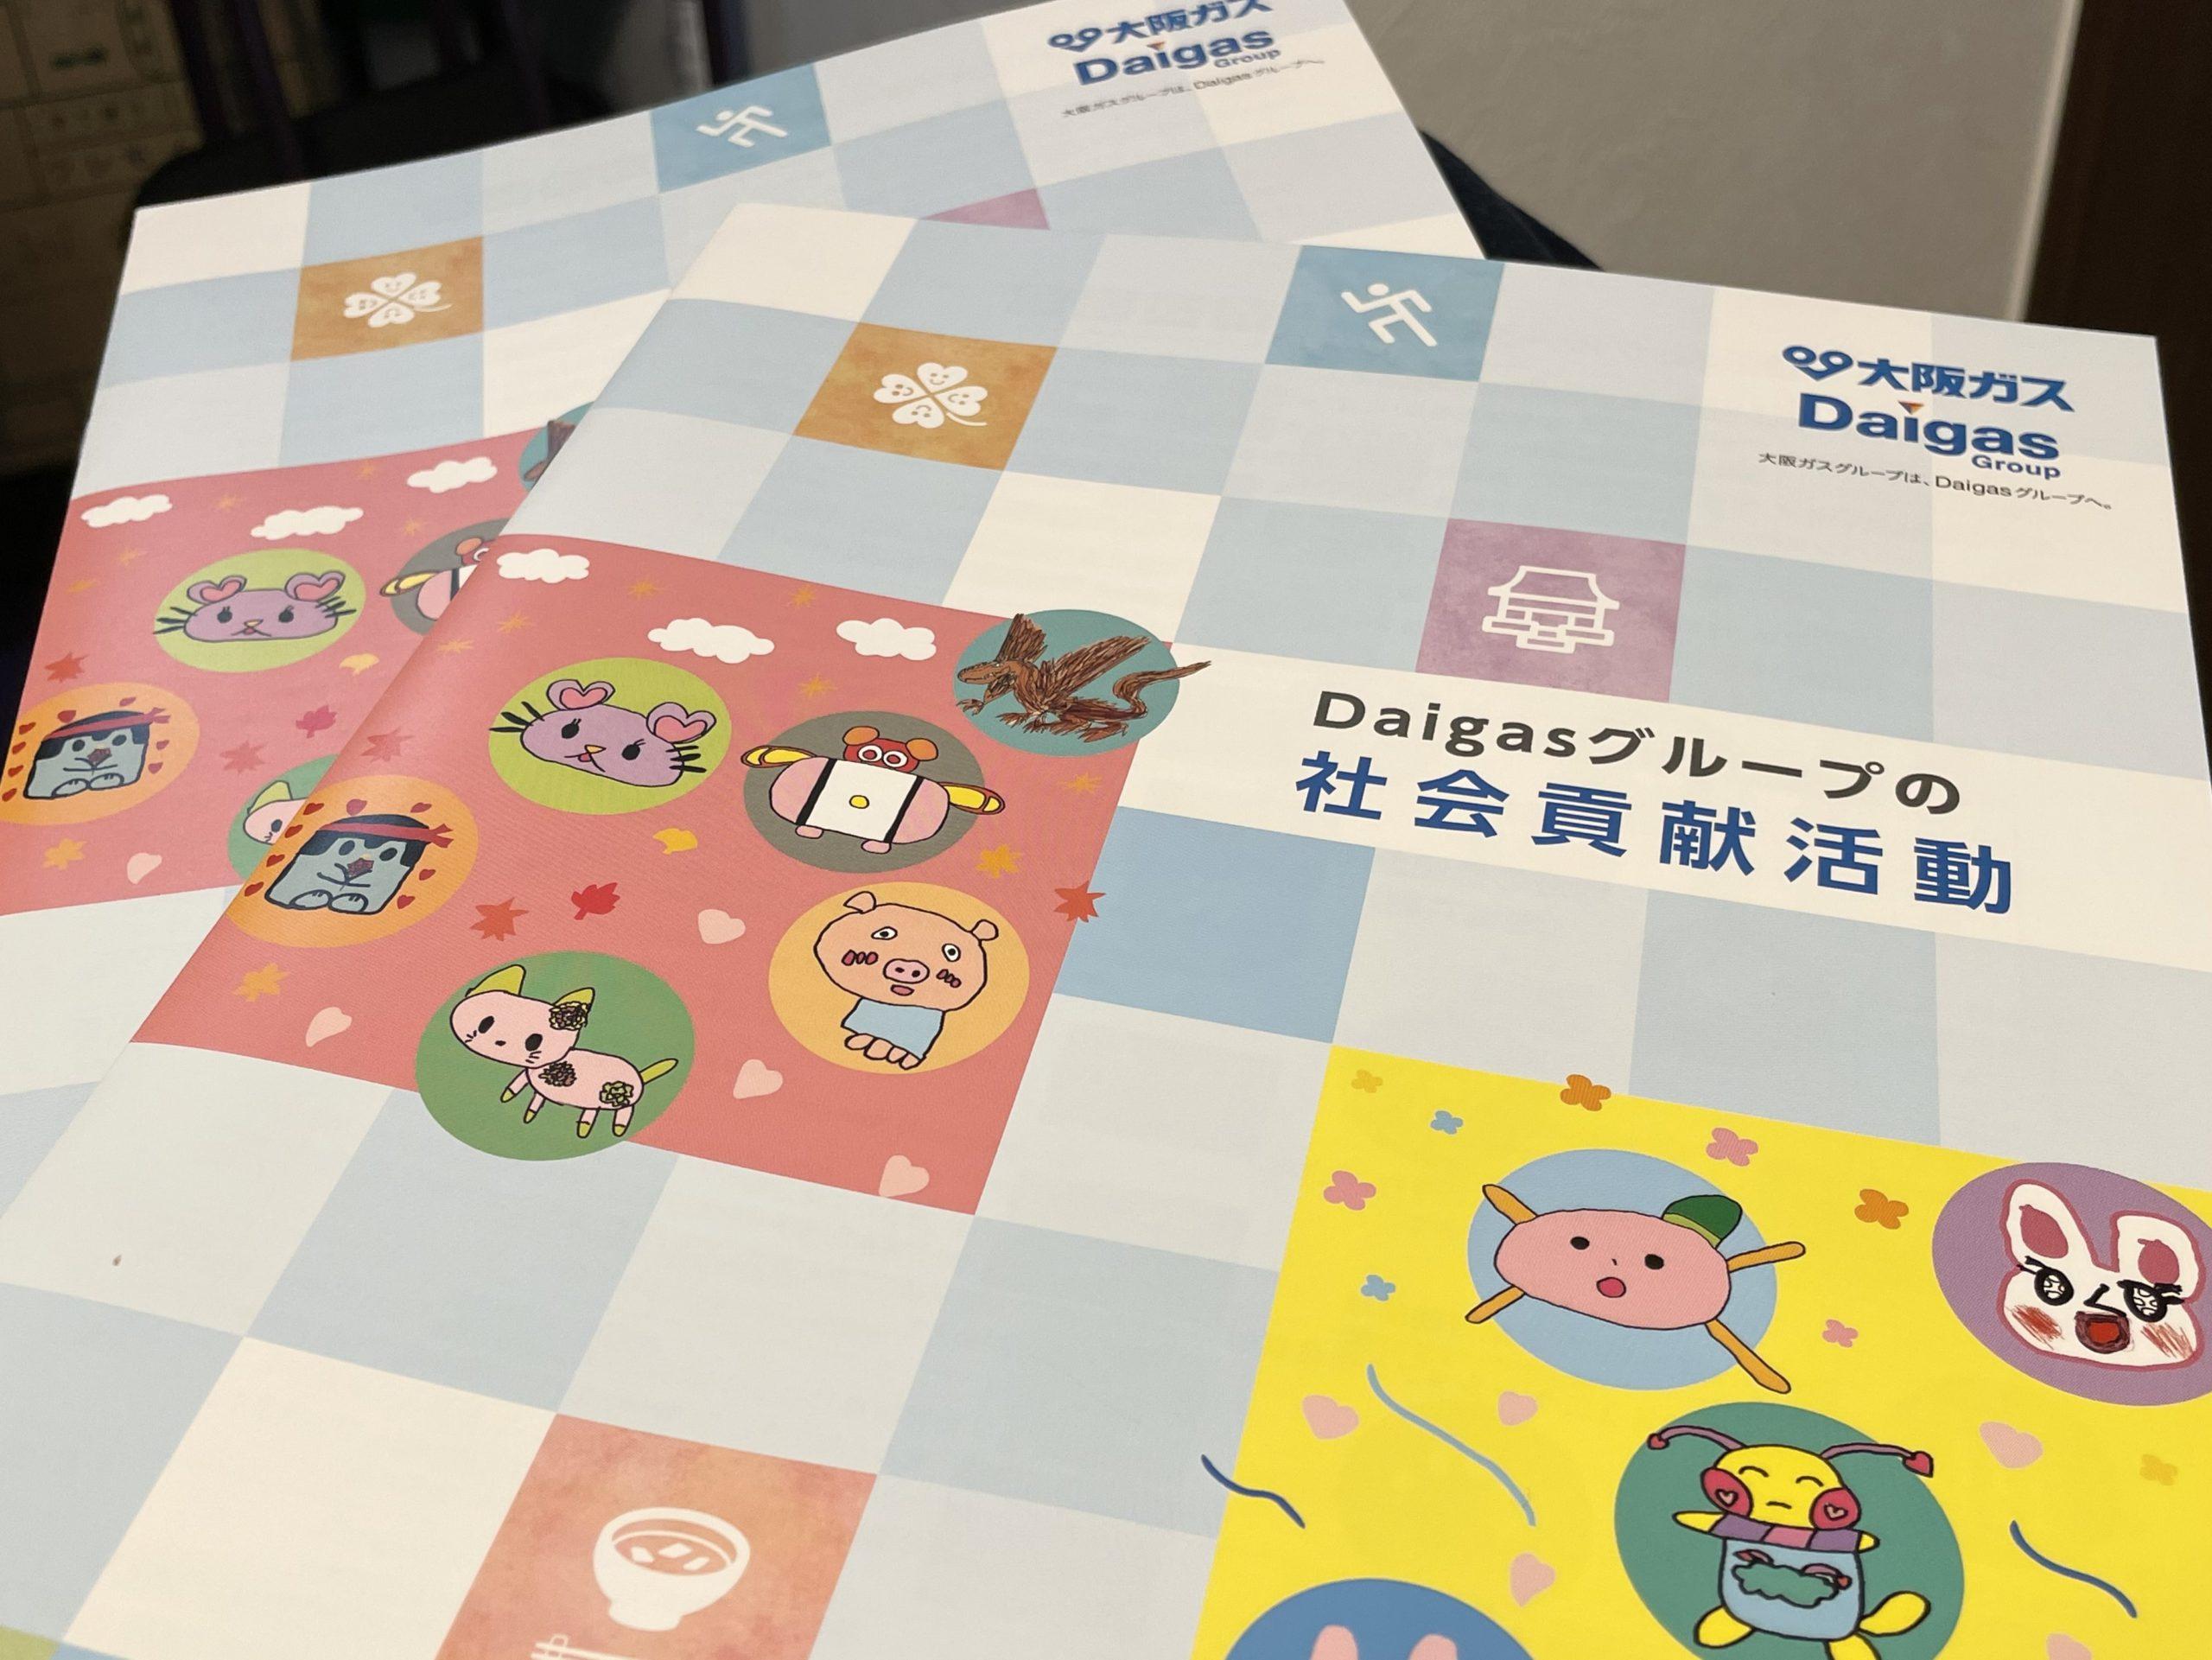 大阪ガスの社会貢献活動の報告書に「Reスタート」が掲載